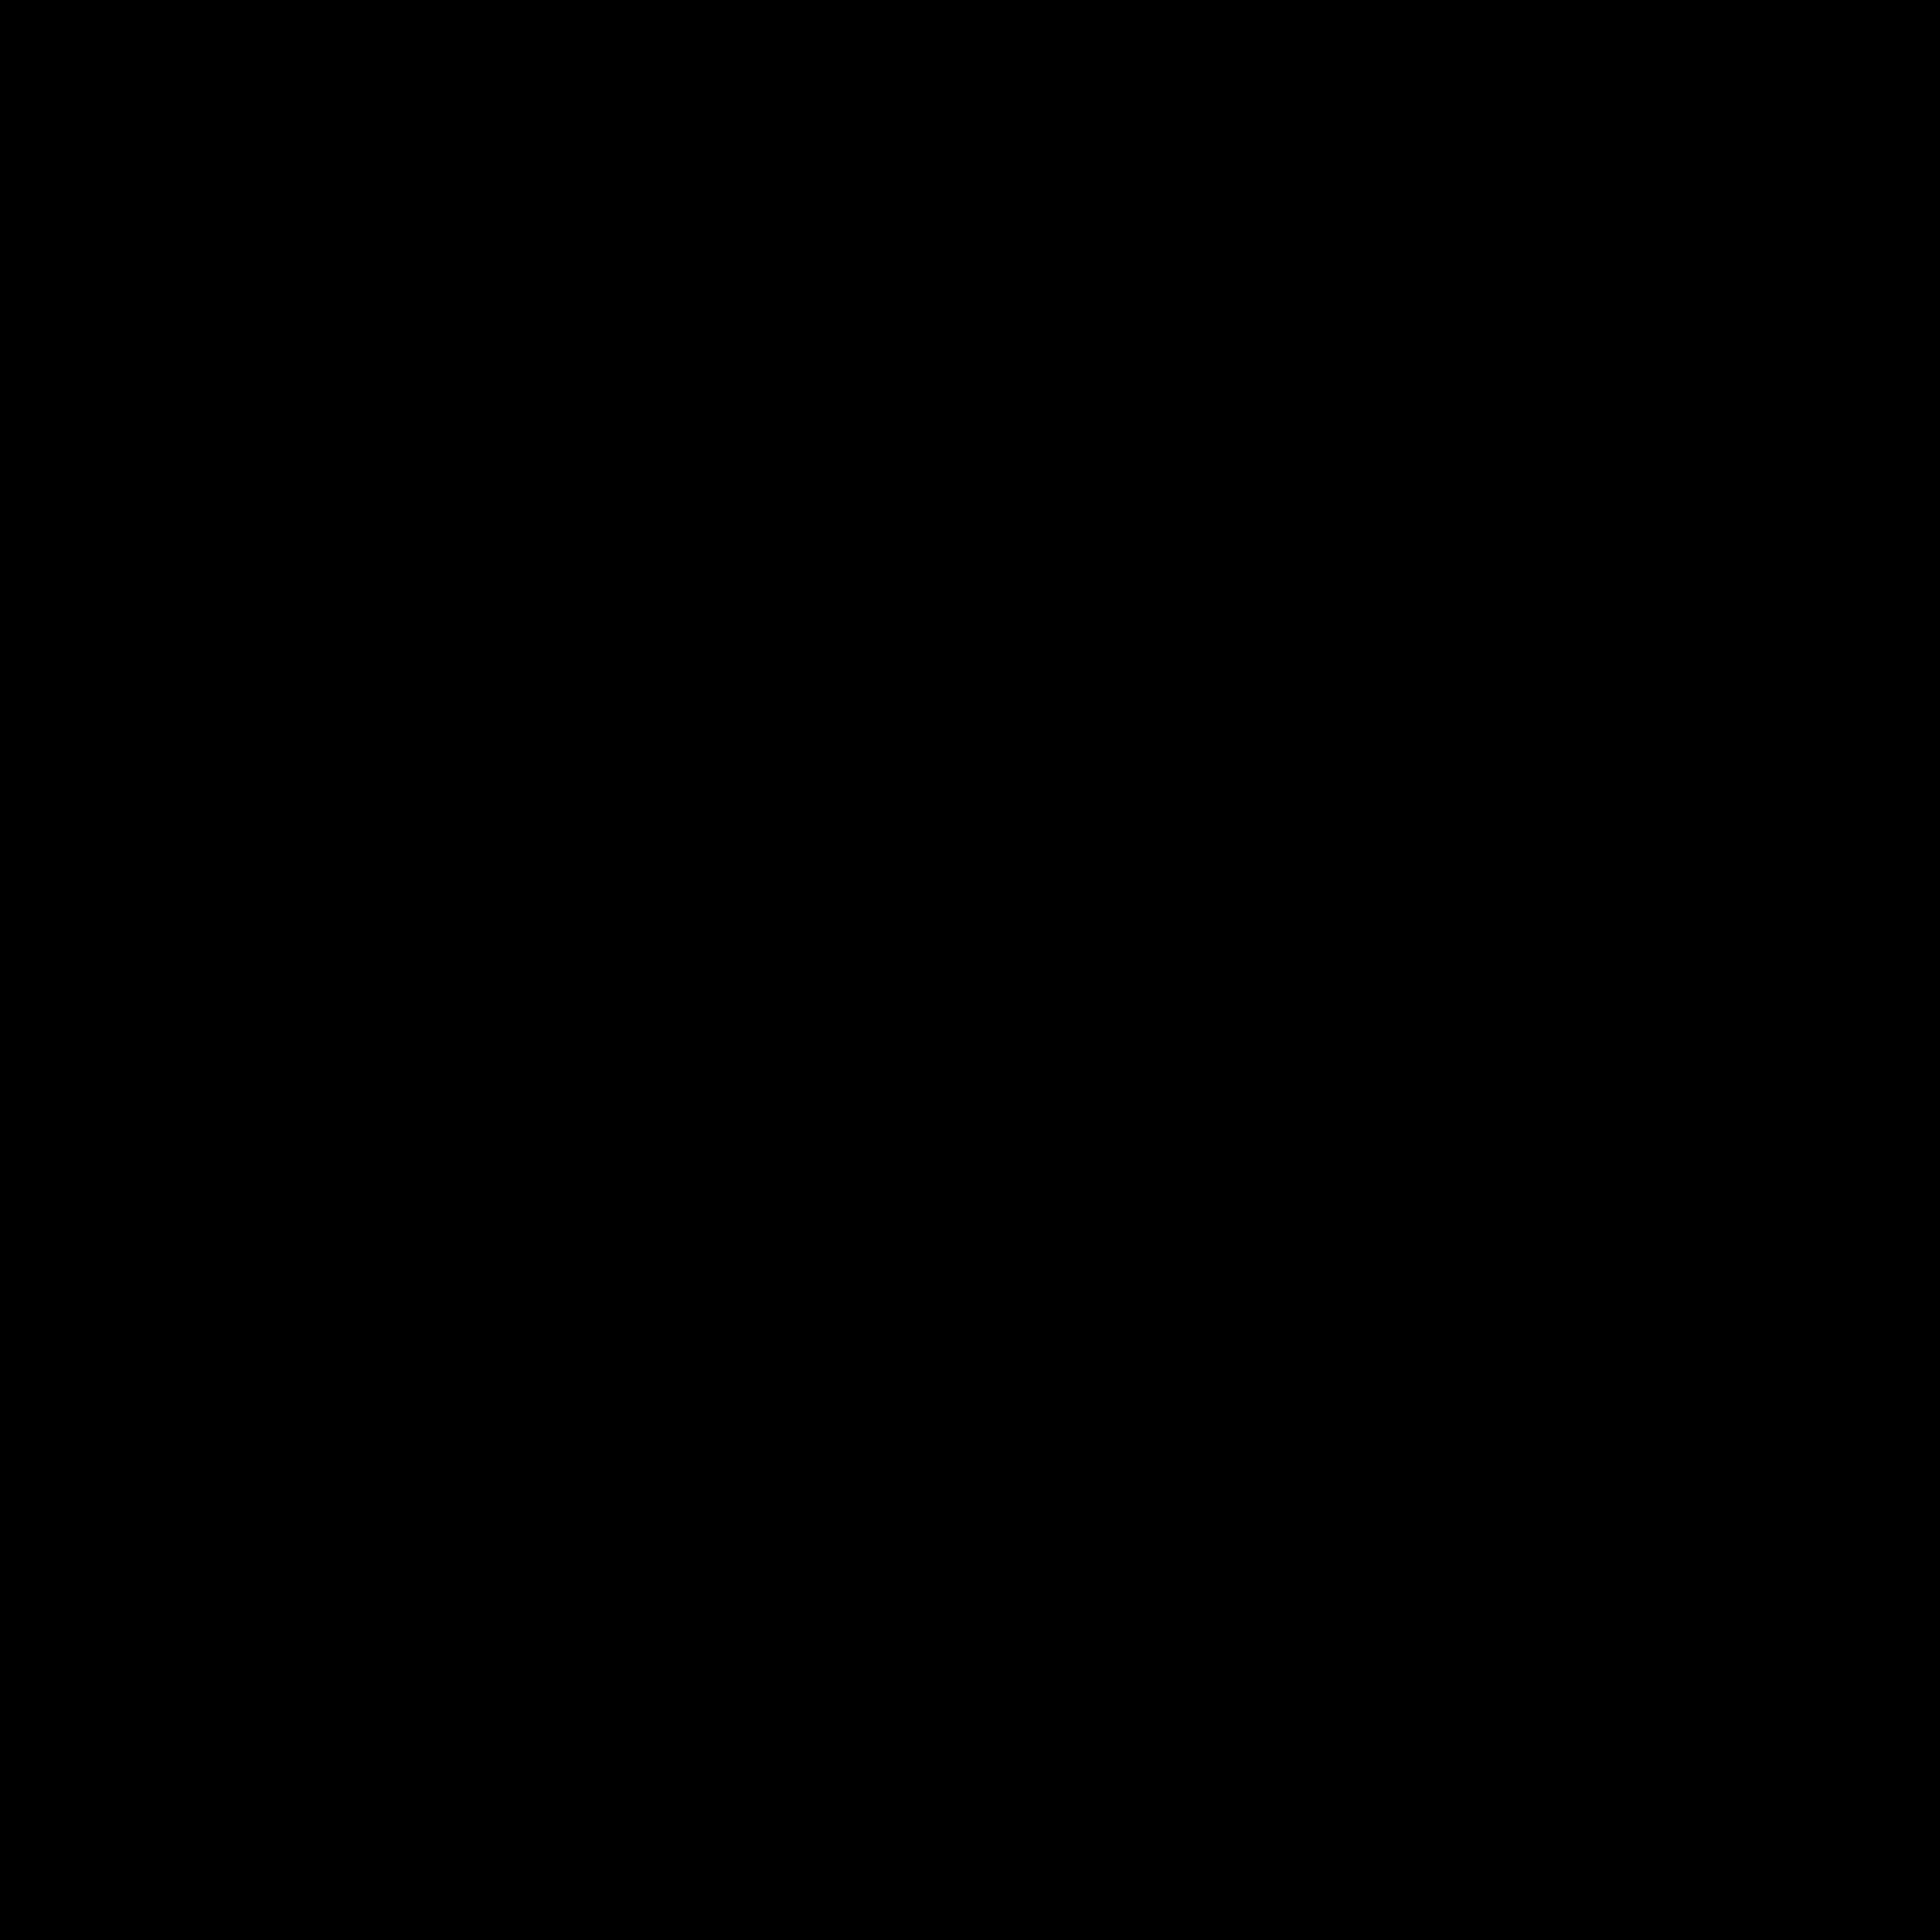 Fein Schaltungselement Symbole Zeitgenössisch - Schaltplan Serie ...